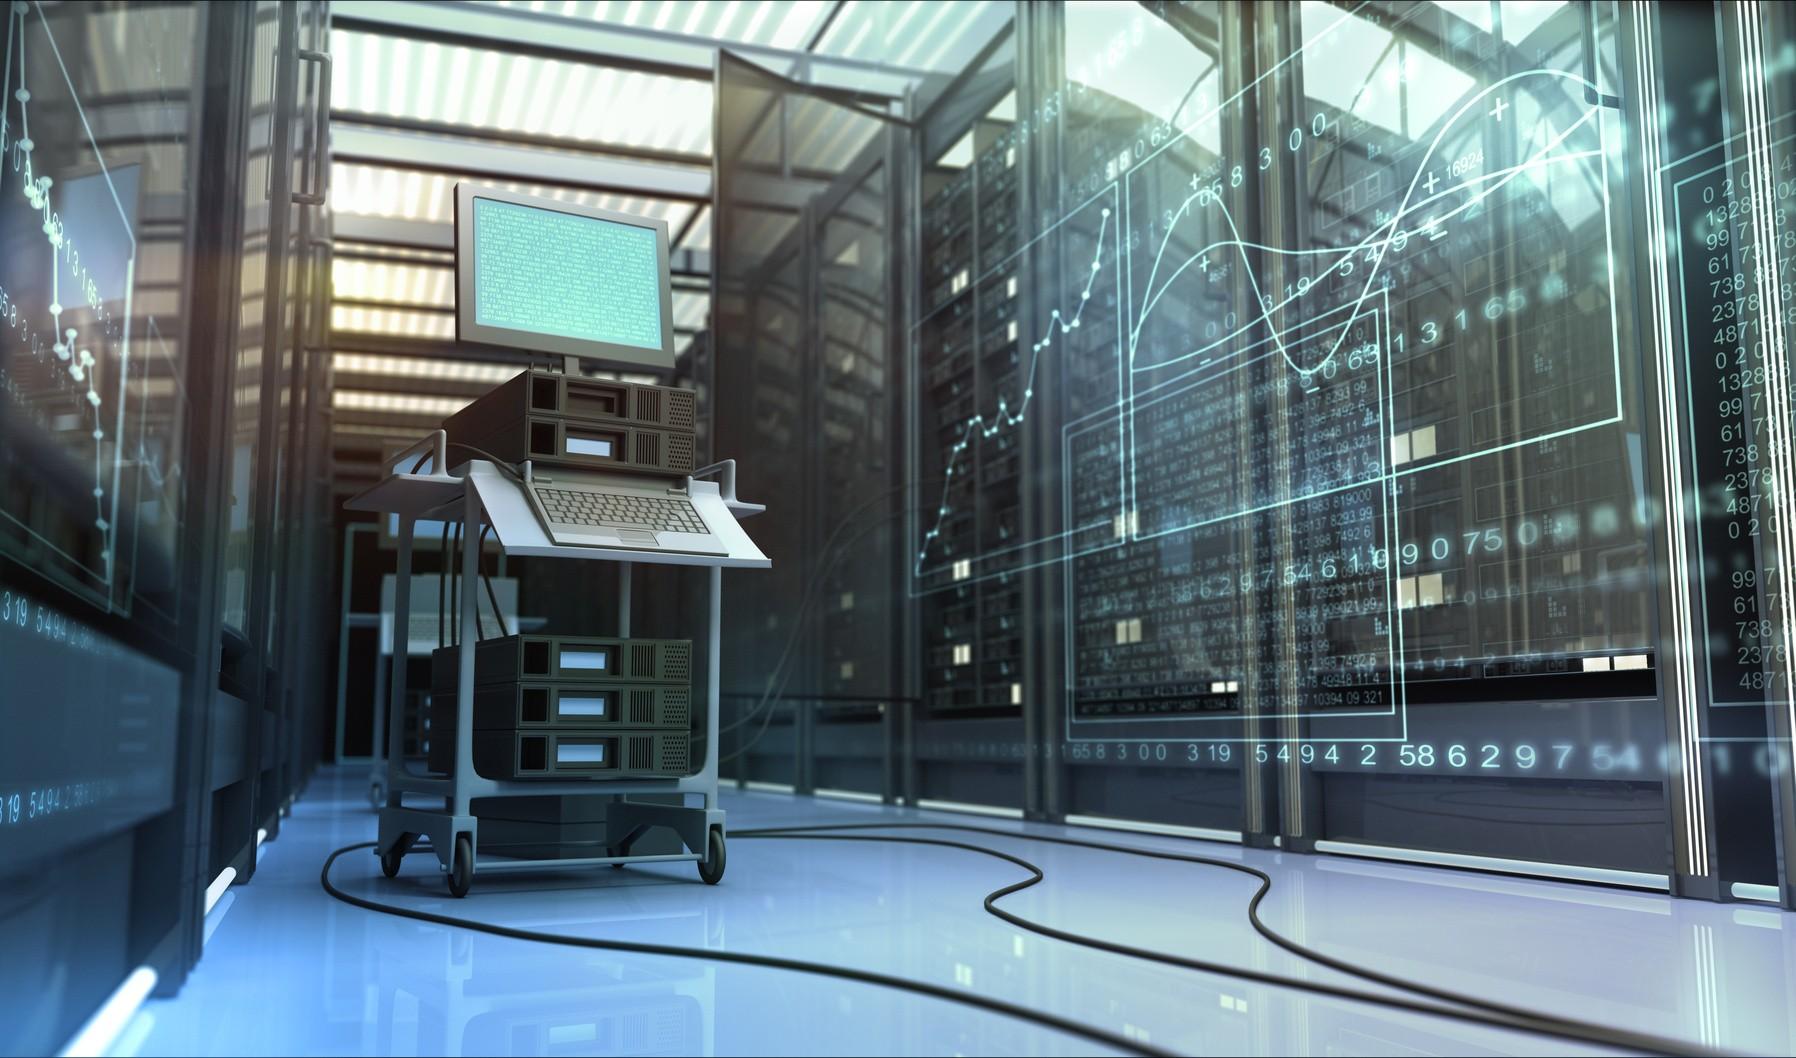 Особливості виділеного серверу як хостинг-послуги